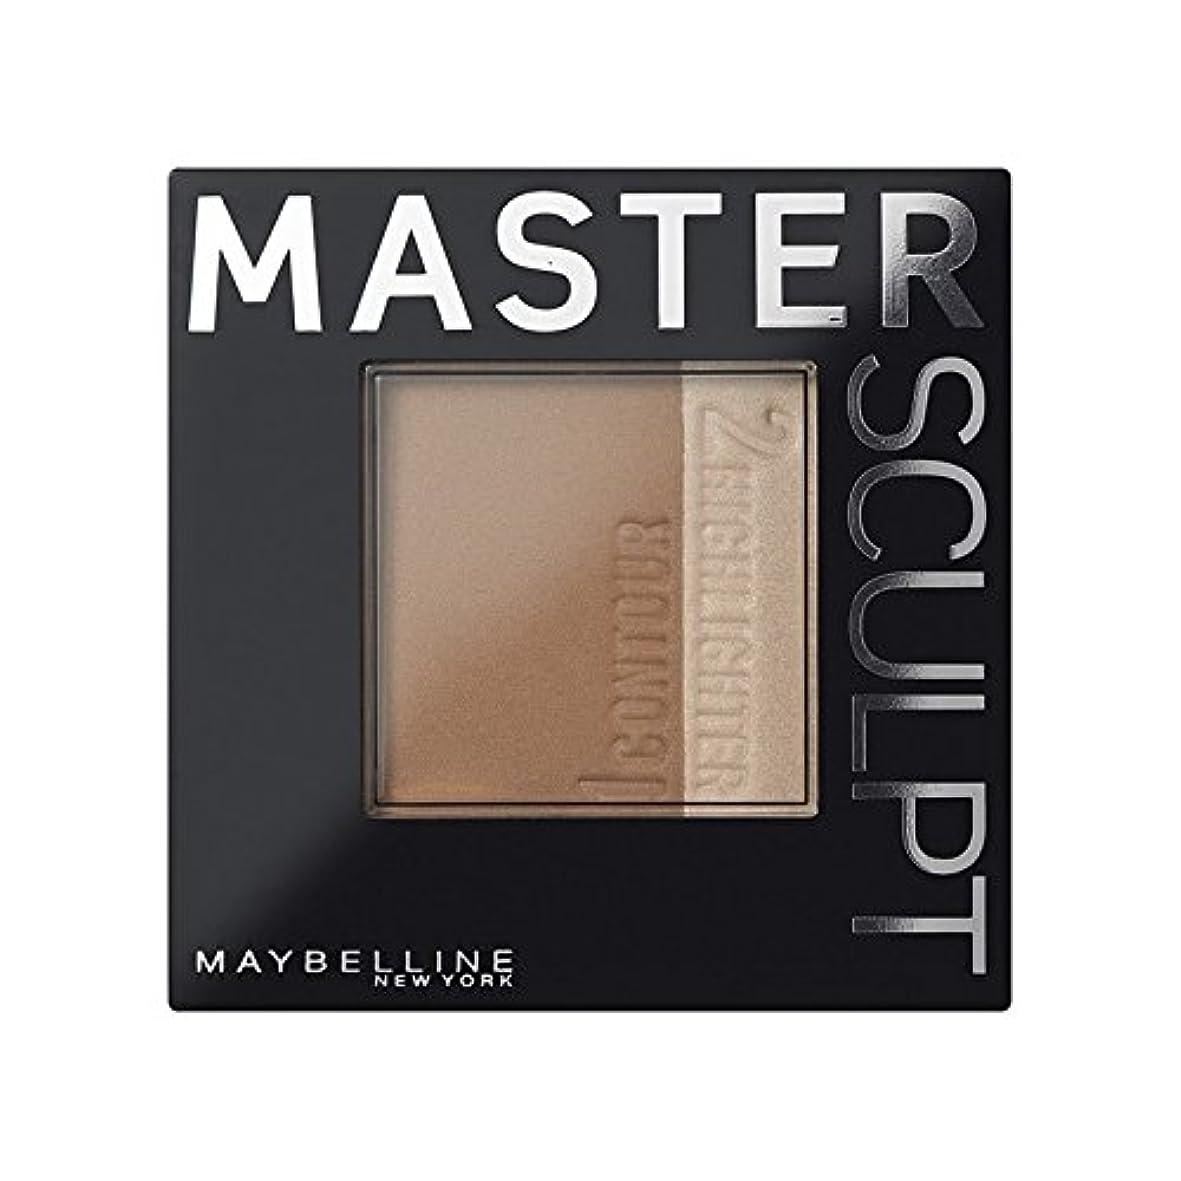 リング食い違いシンプルなMaybelline Master Sculpt Contouring Foundation 01 Light/Med (Pack of 6) - 土台01光/ を輪郭メイベリンマスタースカルプト x6 [並行輸入品]